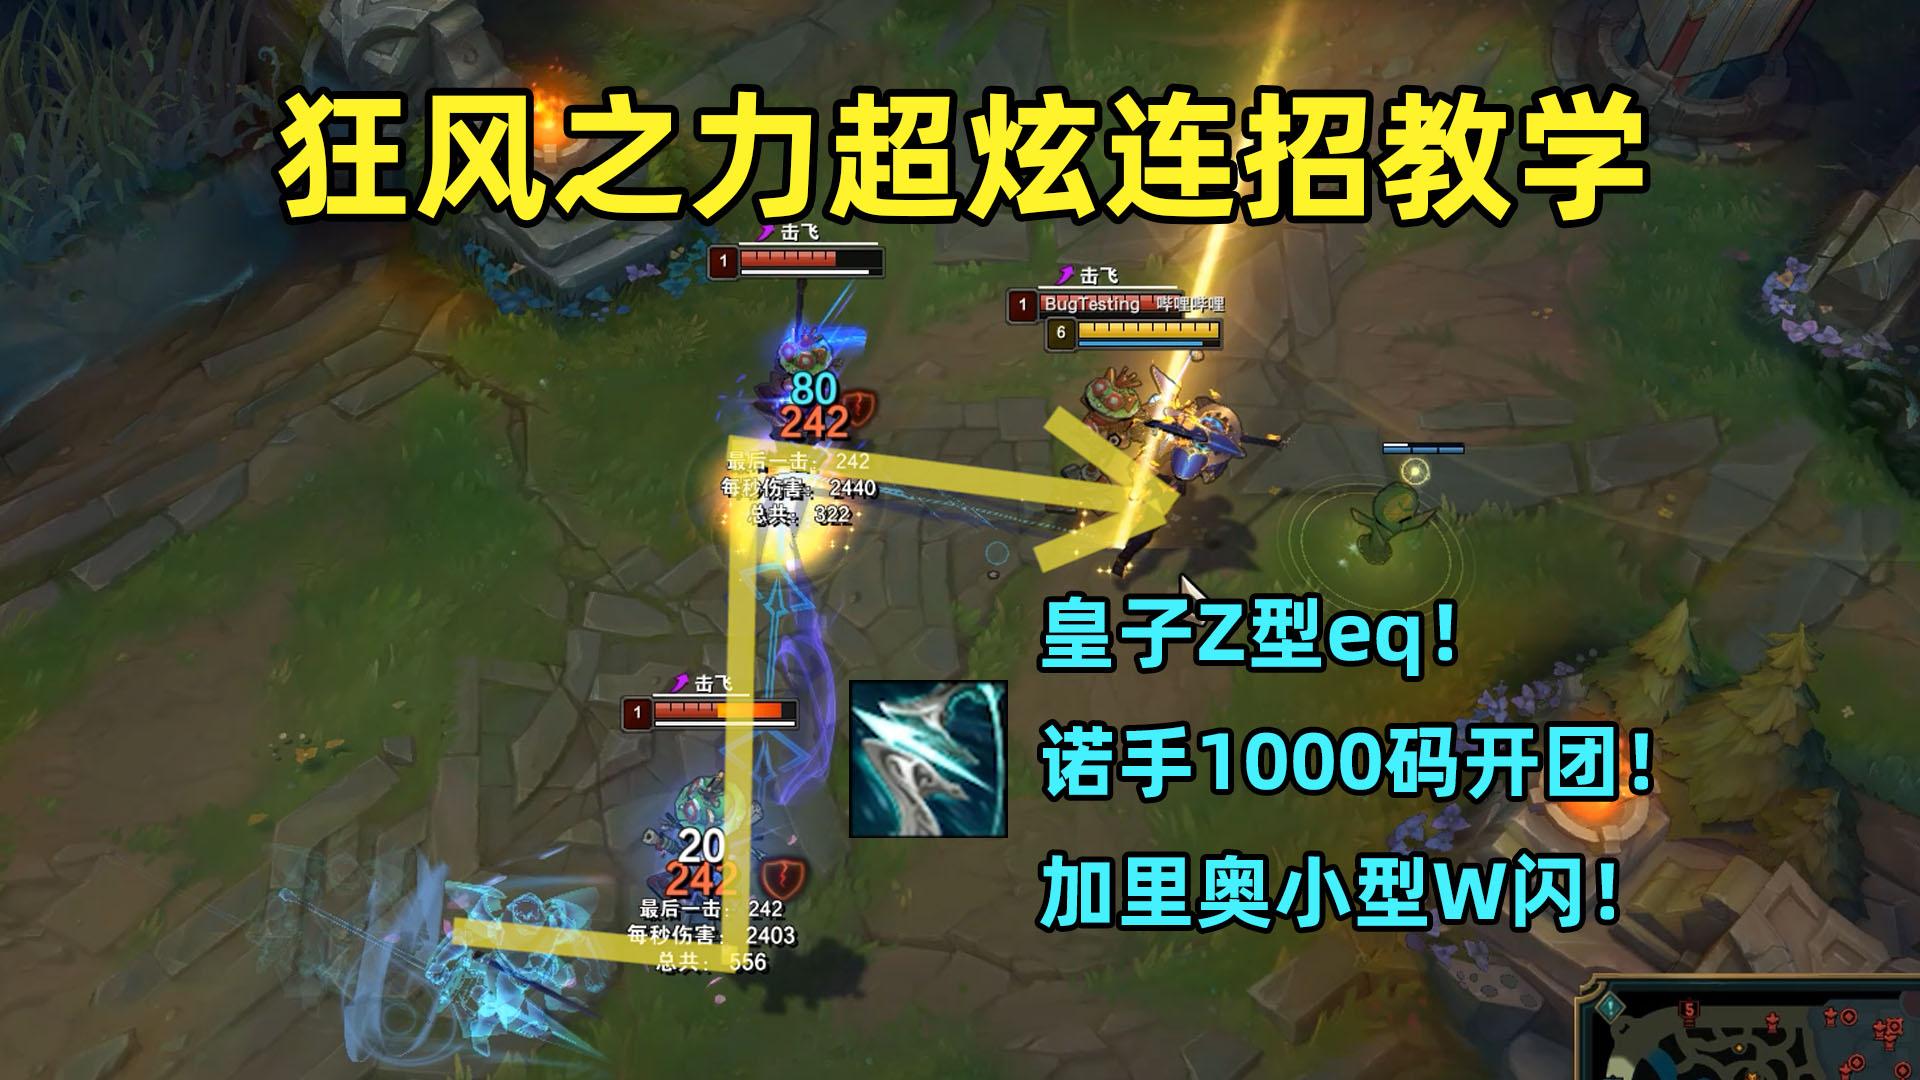 狂风之力超炫连招教学:皇子Z型eq+诺手1000码开团,秀操作必出装备!